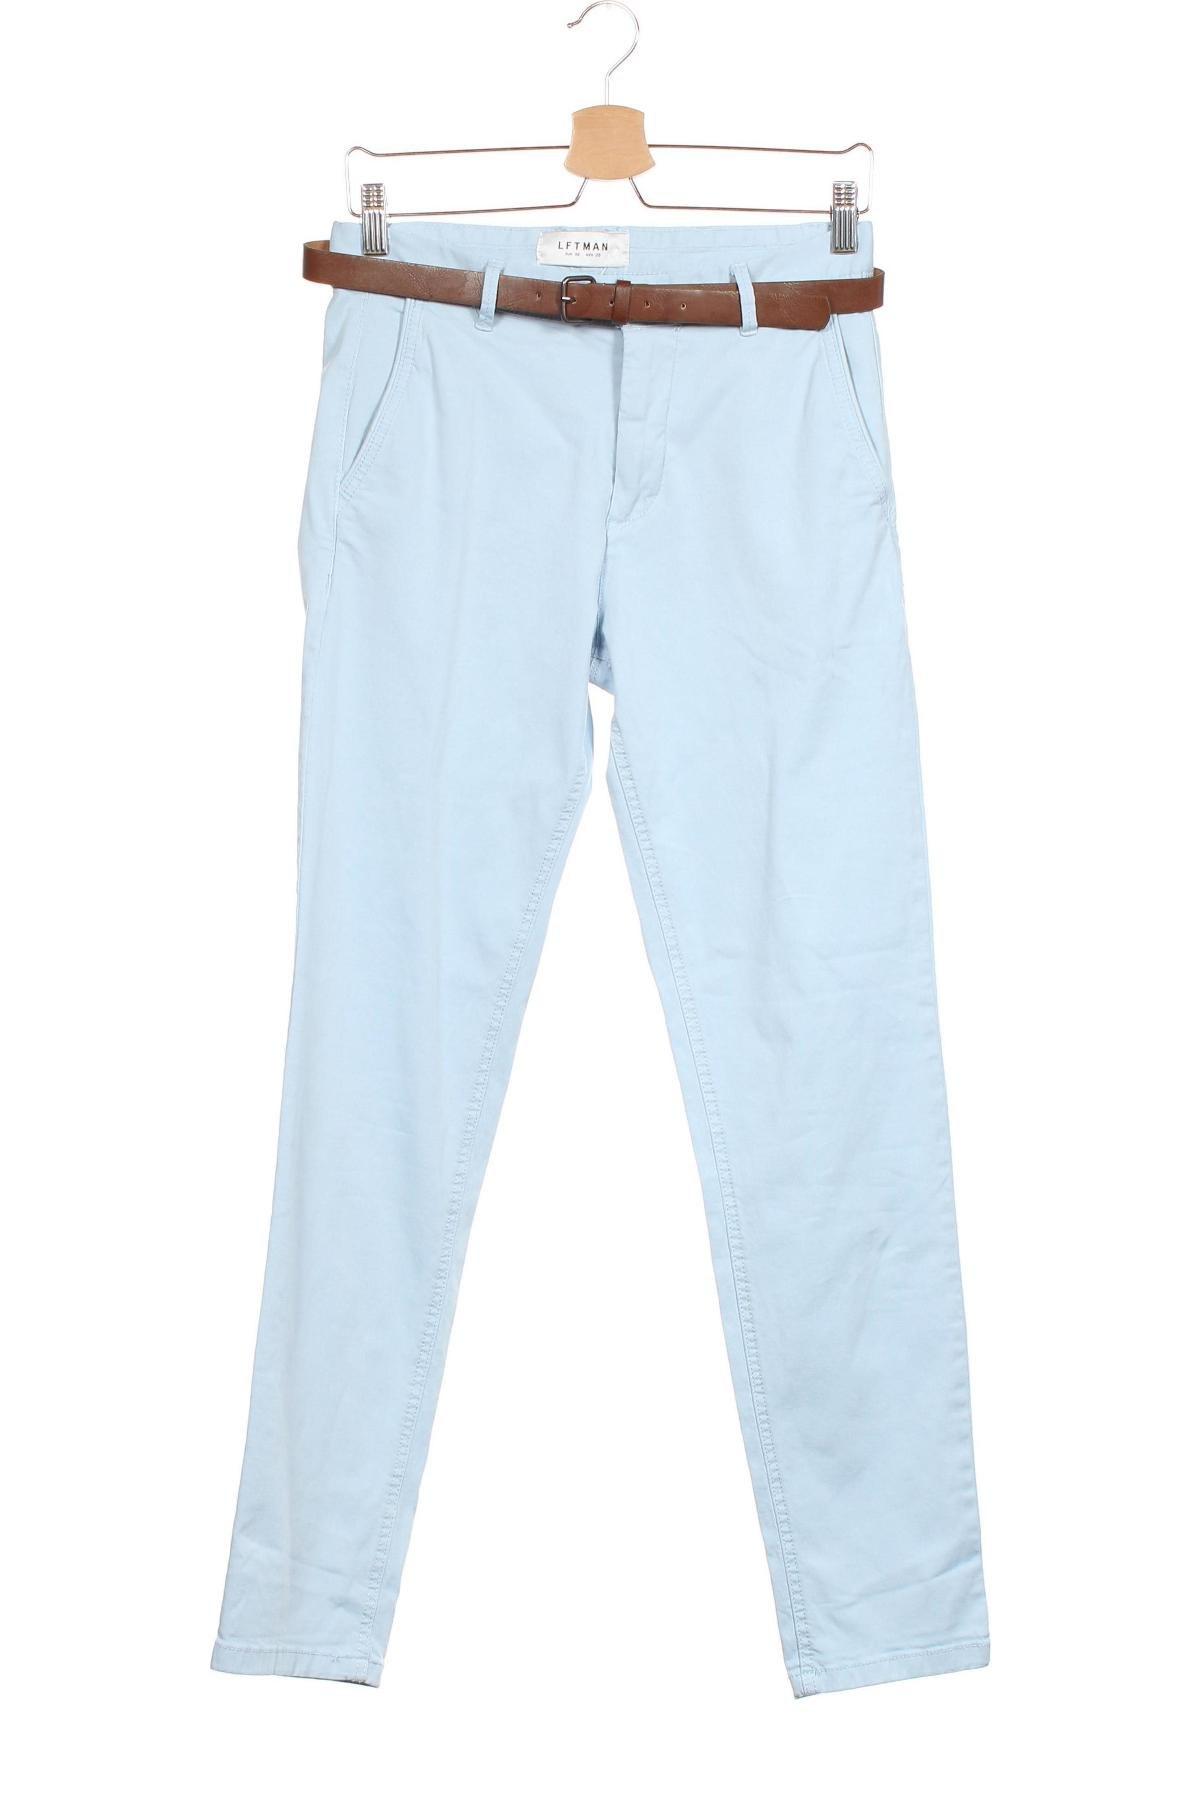 Мъжки панталон Lft, Размер S, Цвят Син, 98% памук, 2% еластан, Цена 22,20лв.